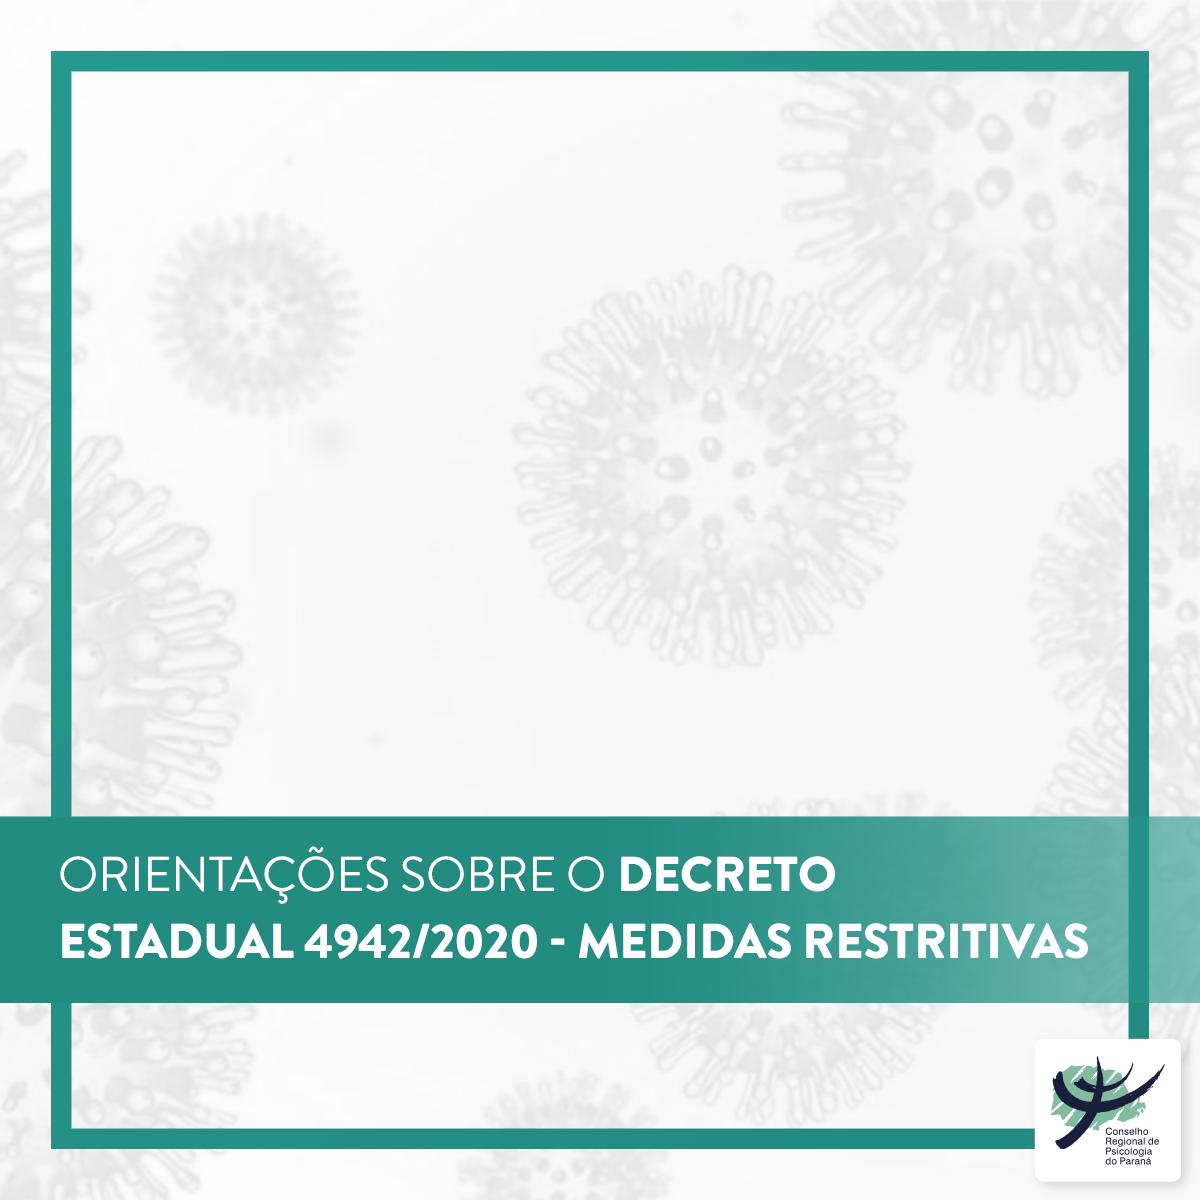 Orientações sobre o Decreto Estadual nº 4942/2020 - Medidas Restritivas